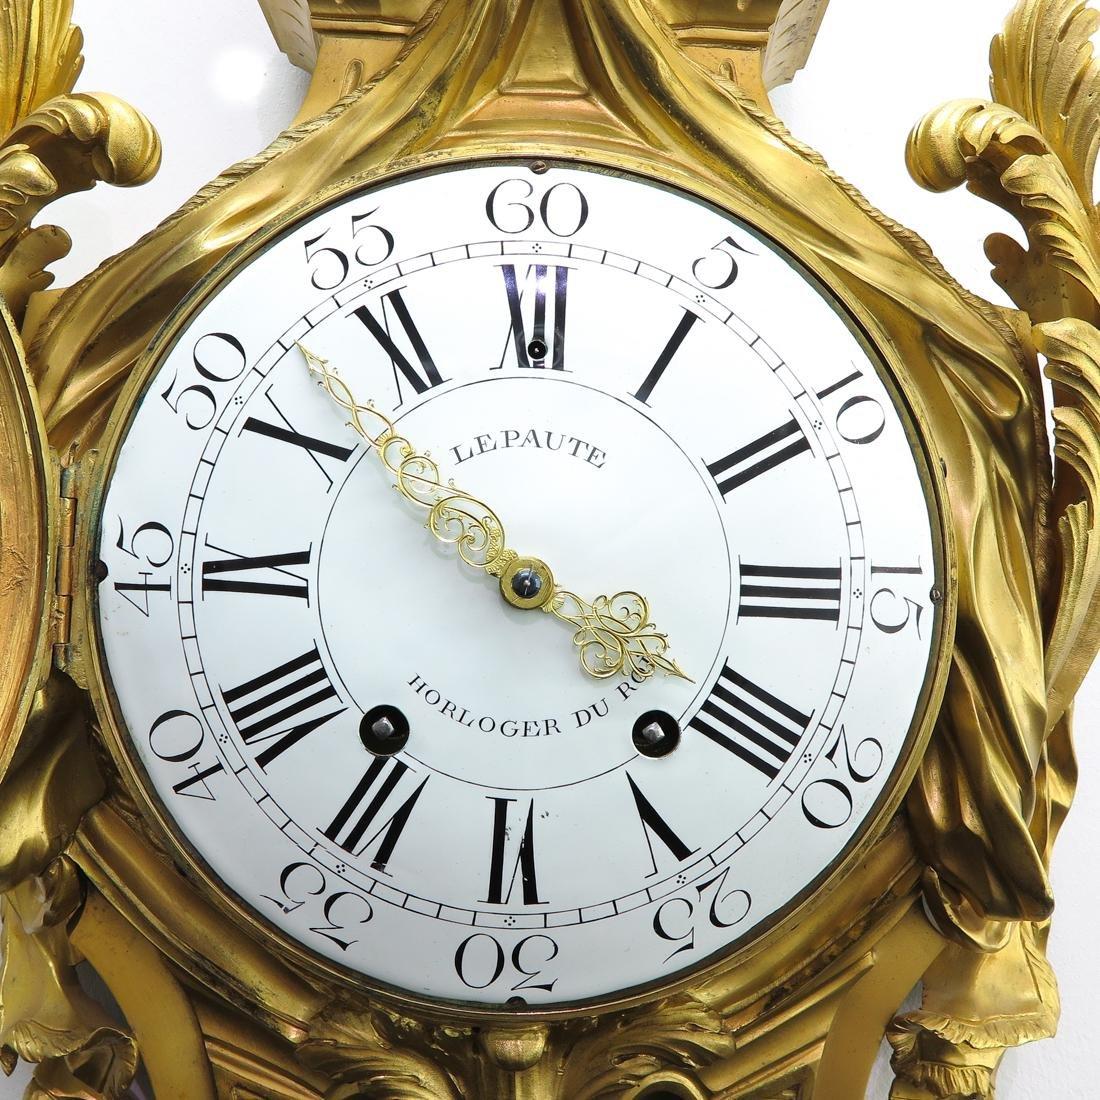 French Cartel Clock Signed Lepaute Horloger du Roi - 4